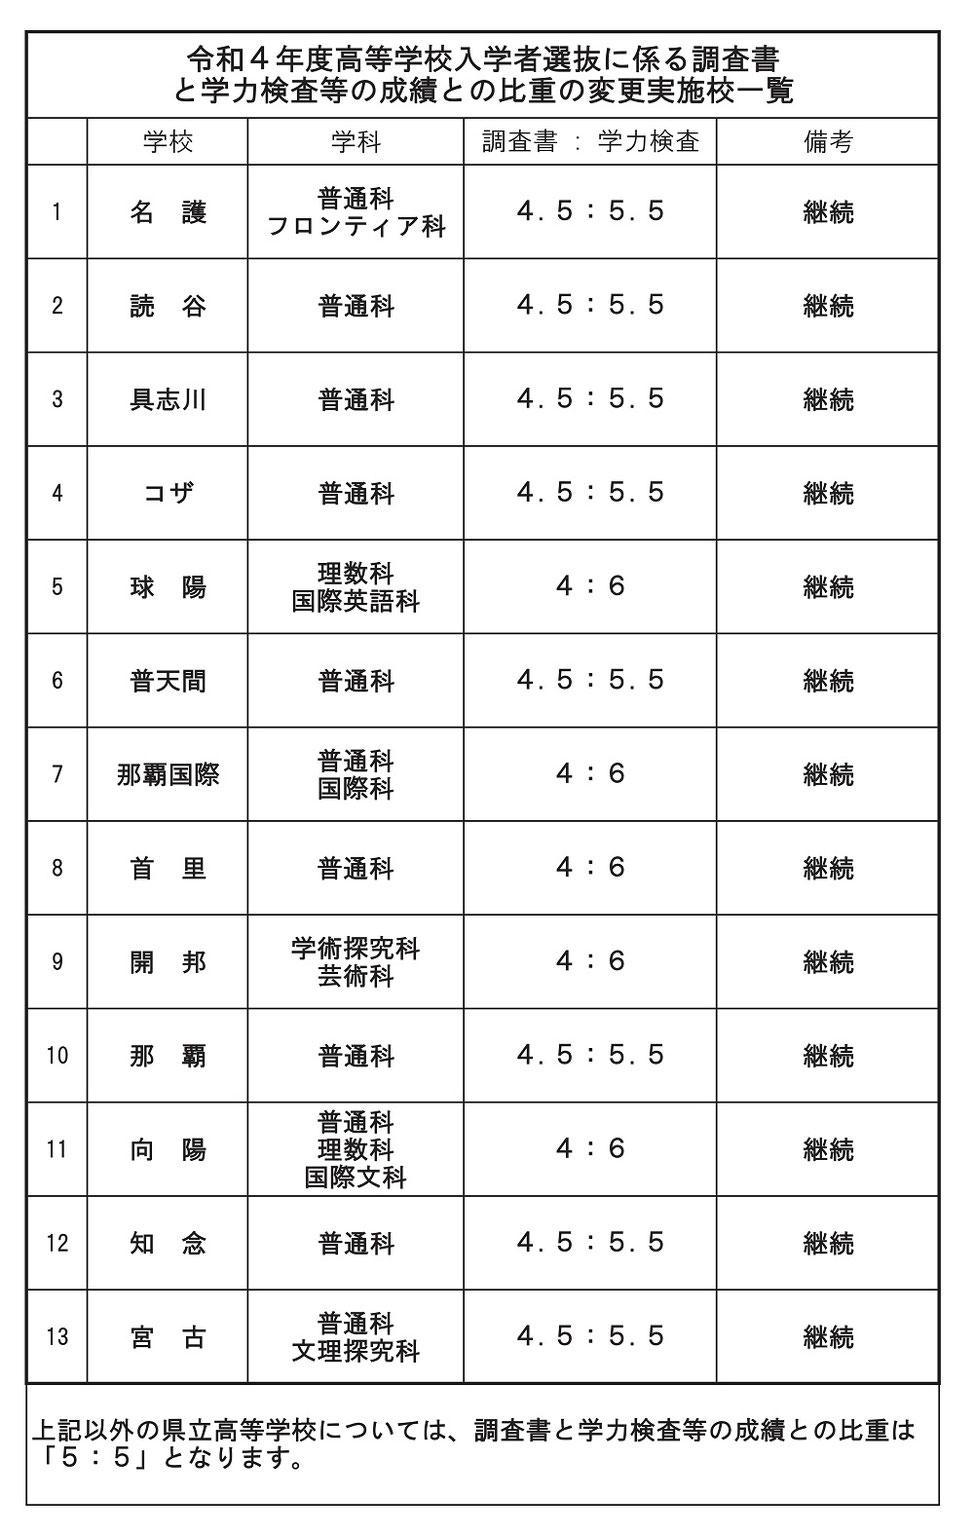 沖縄県立高校,調査書,学力検査,比重